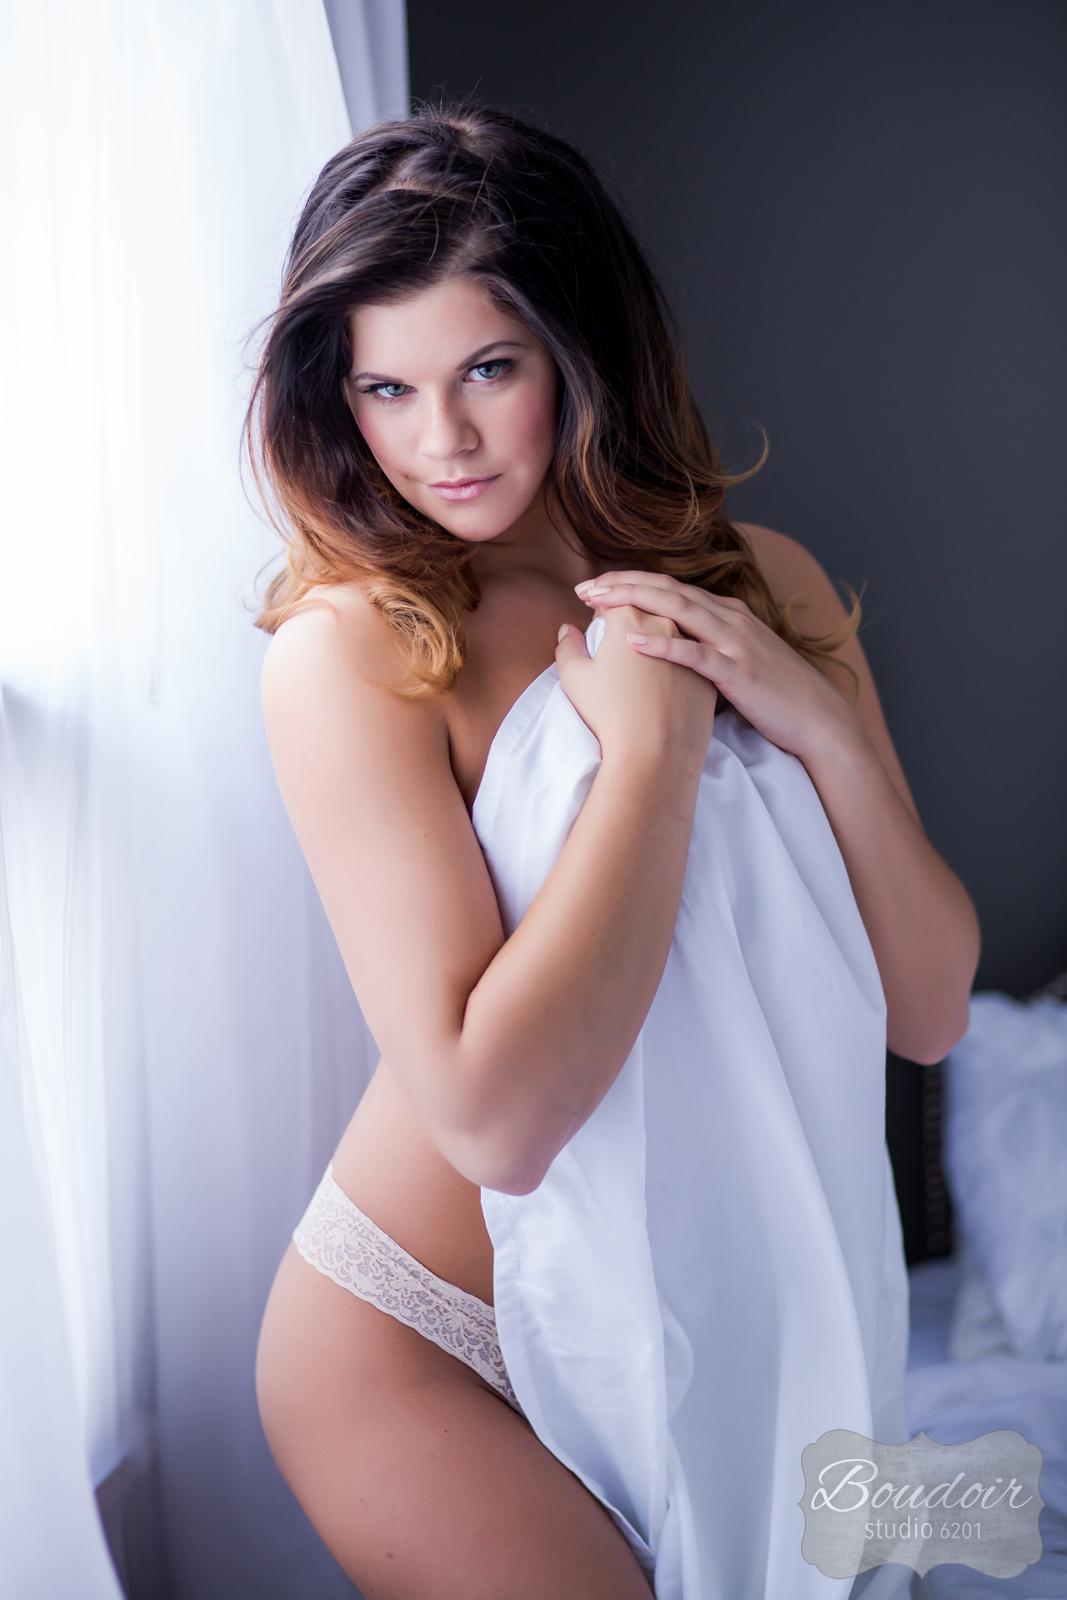 boudoir-studio-6201-tiffany-loveless-makeup-artistry008.jpg